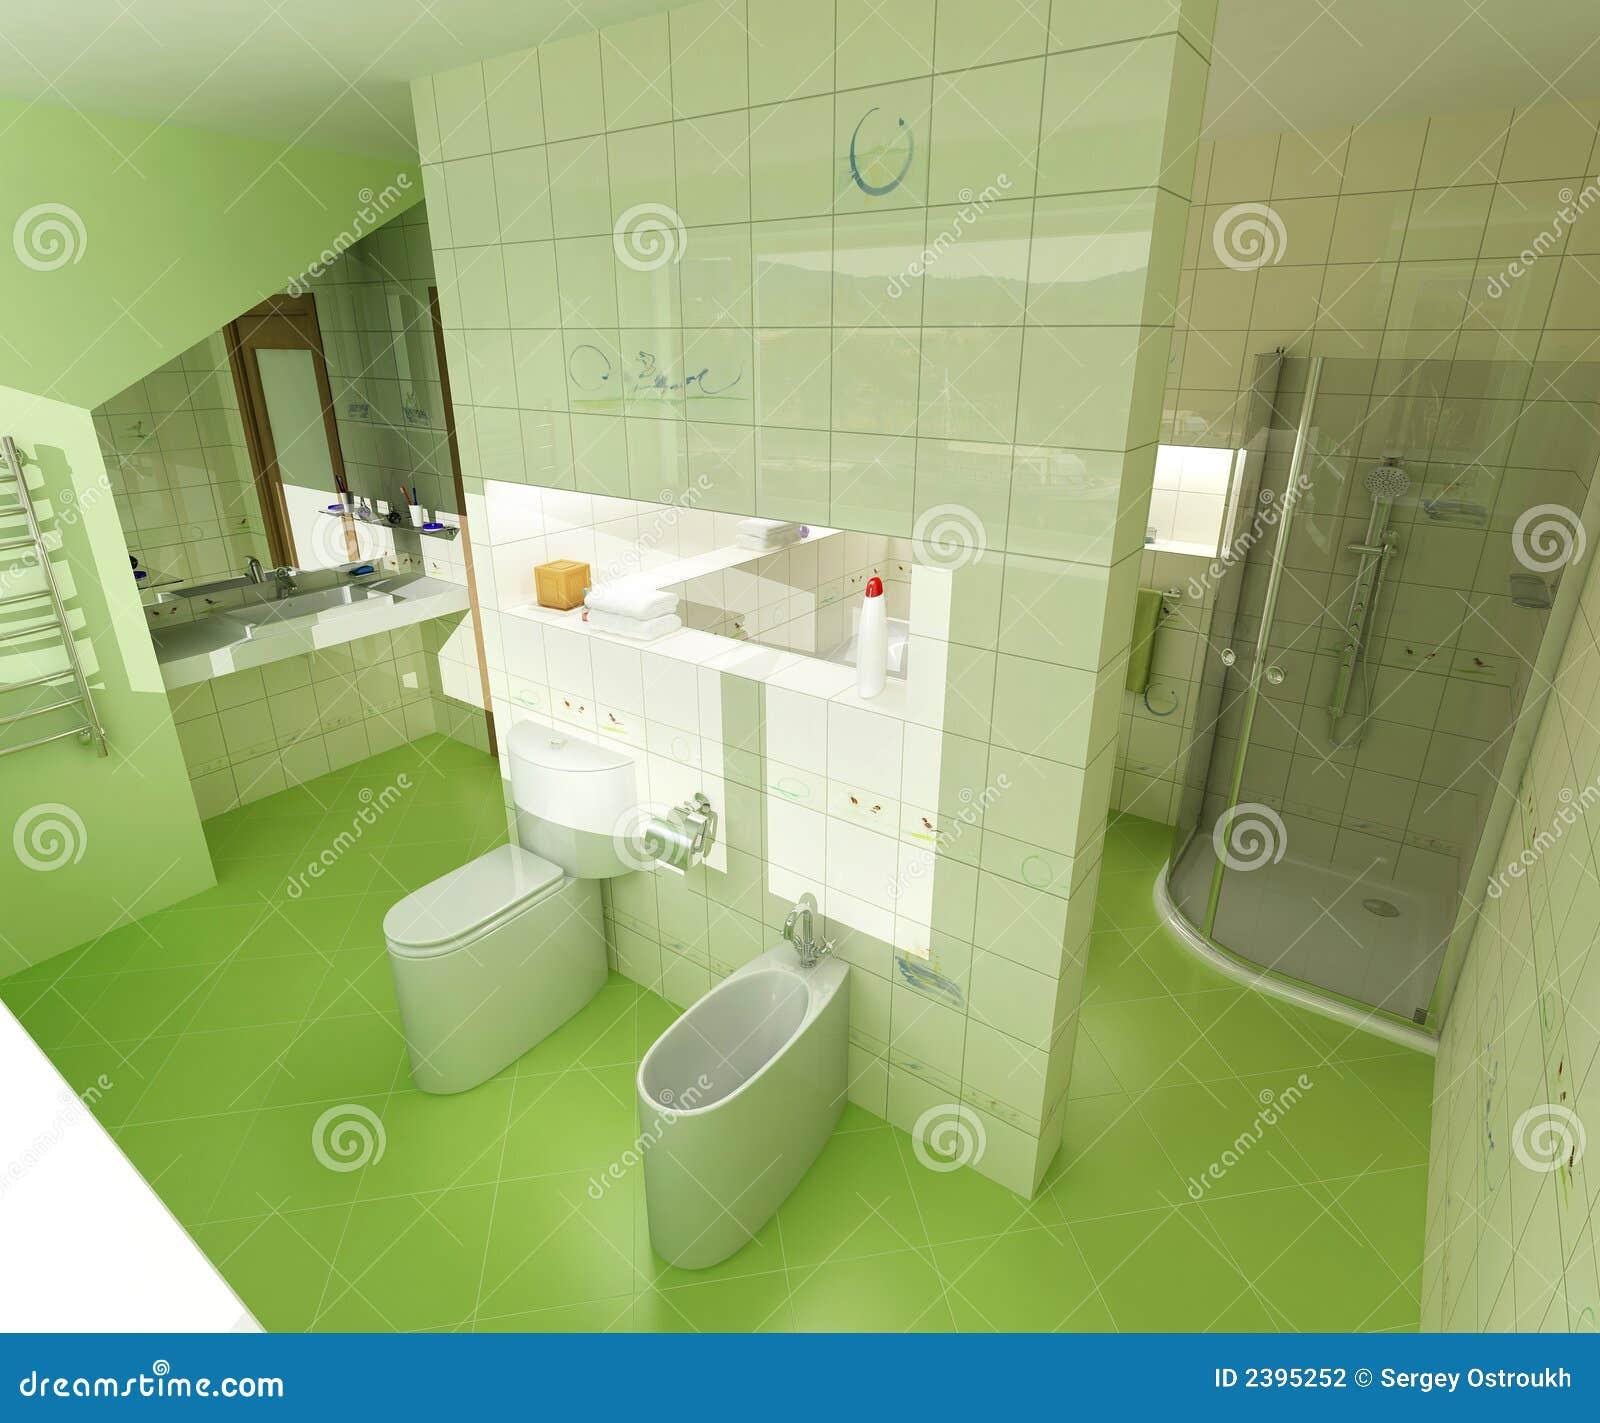 Grünes Badezimmer stock abbildung. Illustration von seifenlauge ...